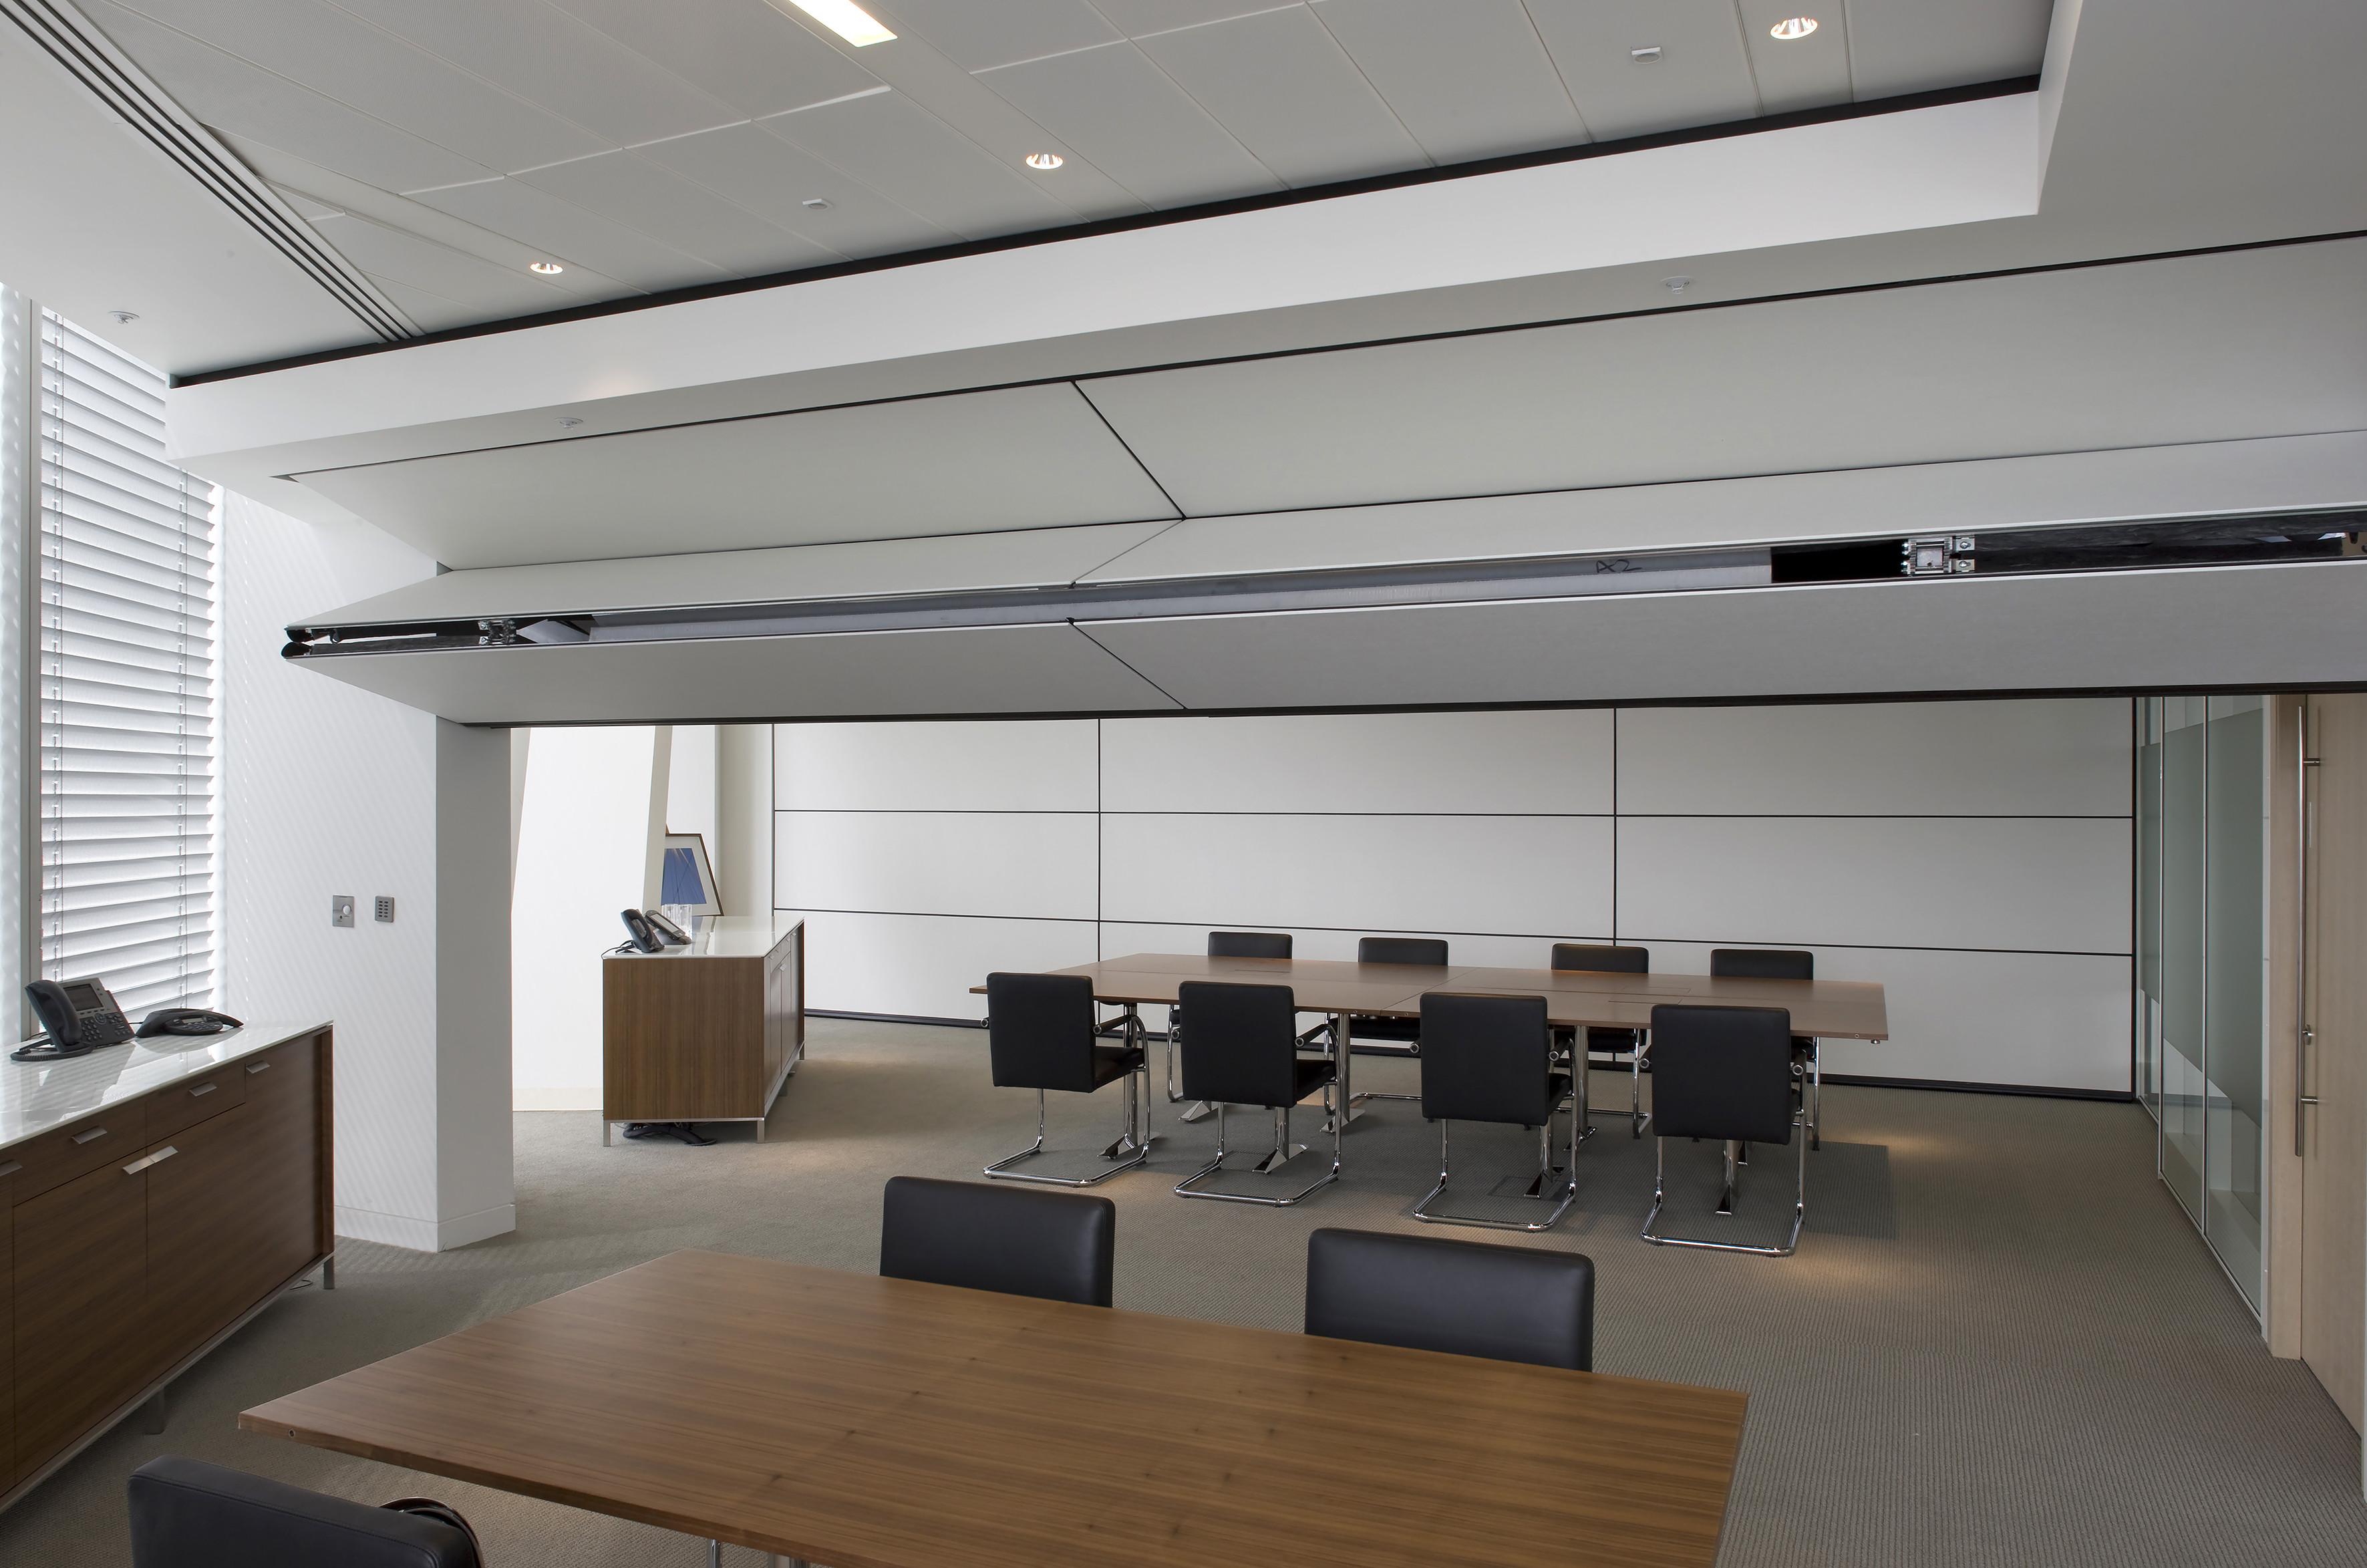 Separare ambienti porte scorrevoli grandi per dividere o - Mobili divisori ambienti ...